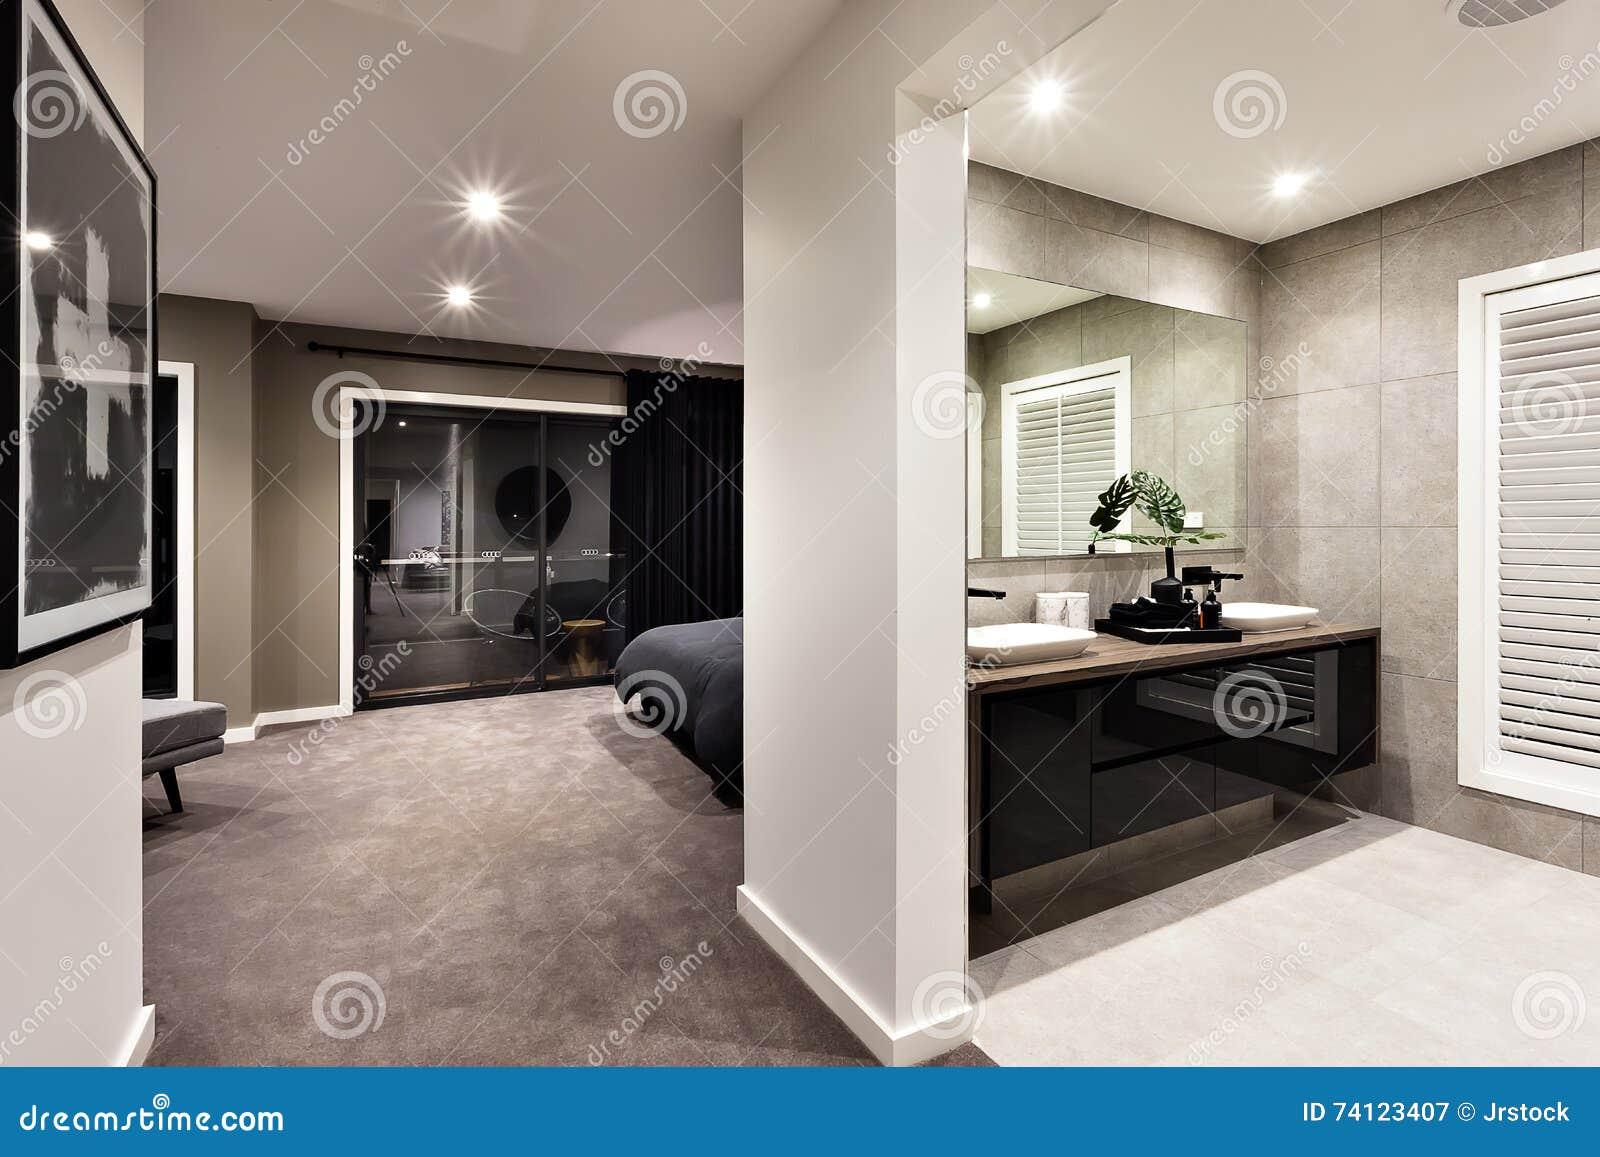 Moderner Waschraum und Halle zu einem einem anderen Raum